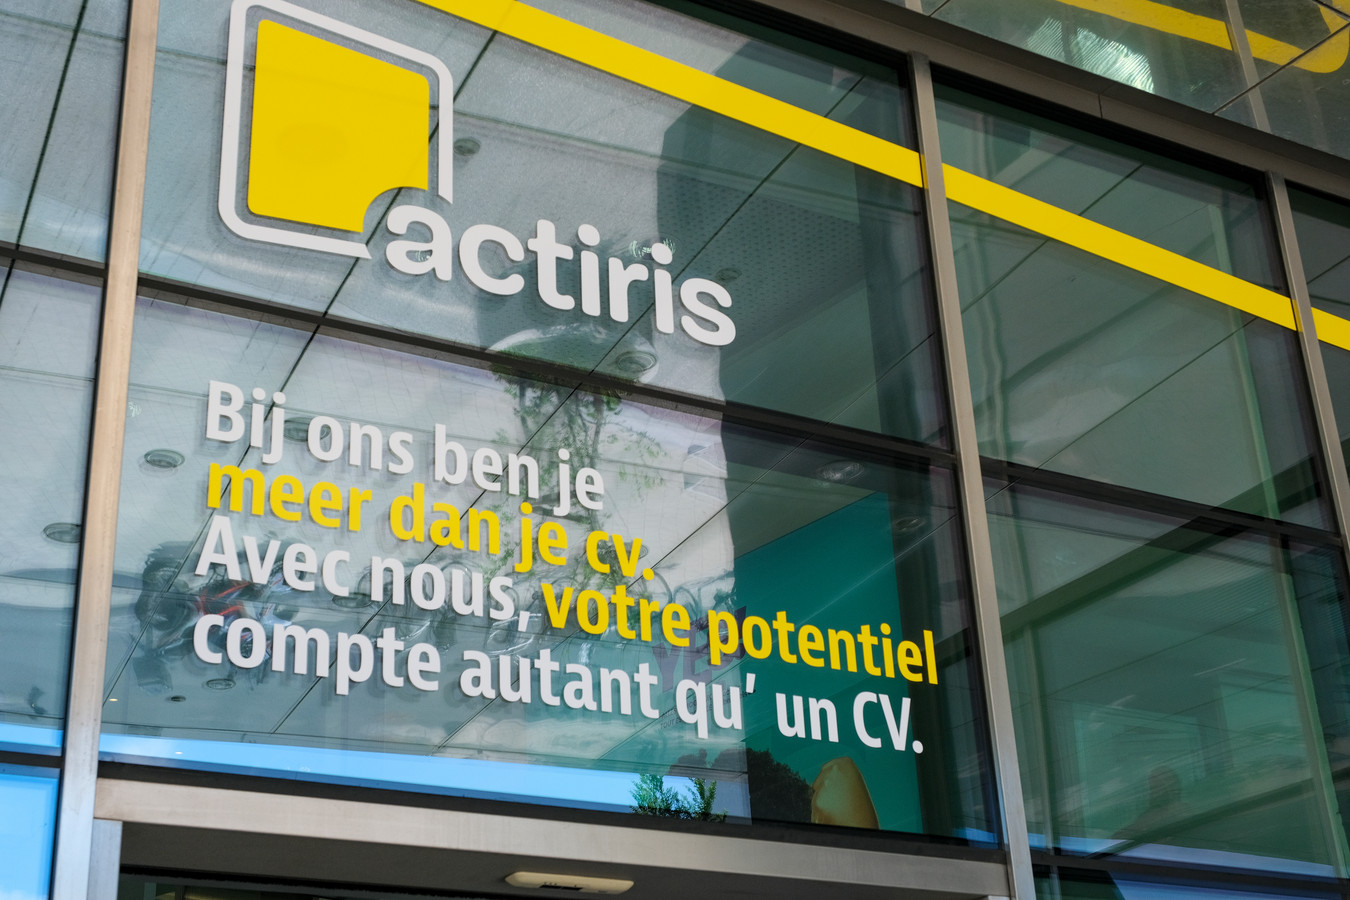 Selon la chaîne de télévision régionale Bx1, Cristina Amboldi, qui devrait être nommée à la tête d'Actiris jeudi par le gouvernement bruxellois, aurait adapté la description de poste pour la fonction à pourvoir, en sa qualité de directrice du cabinet adjointe du ministre Clerfayt.